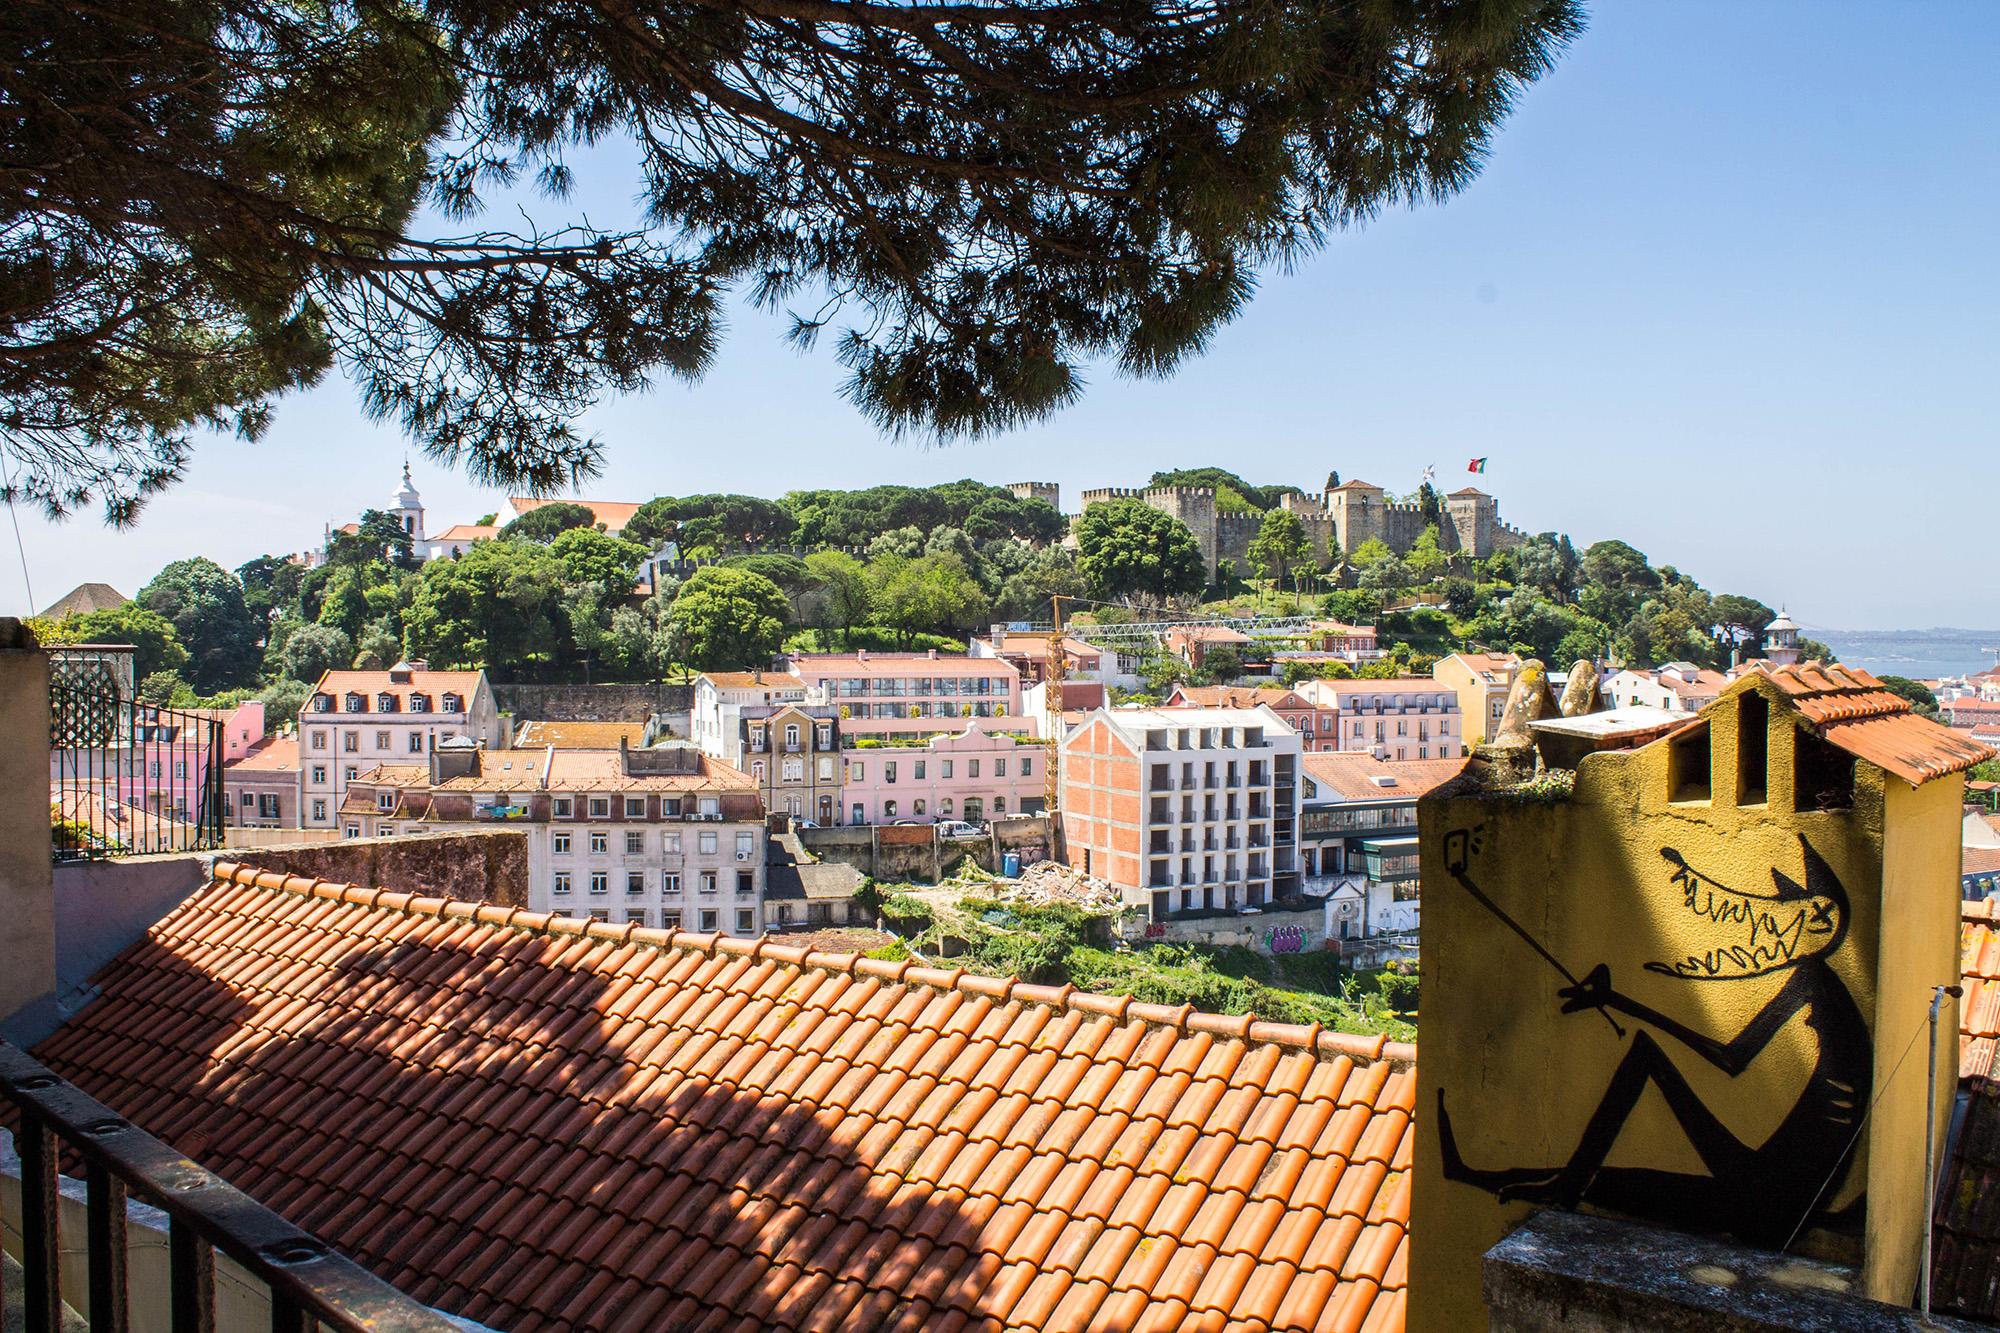 Lisbonne : 10 choses à voir - Vu sur le château de Lisbone - Marie Naudon